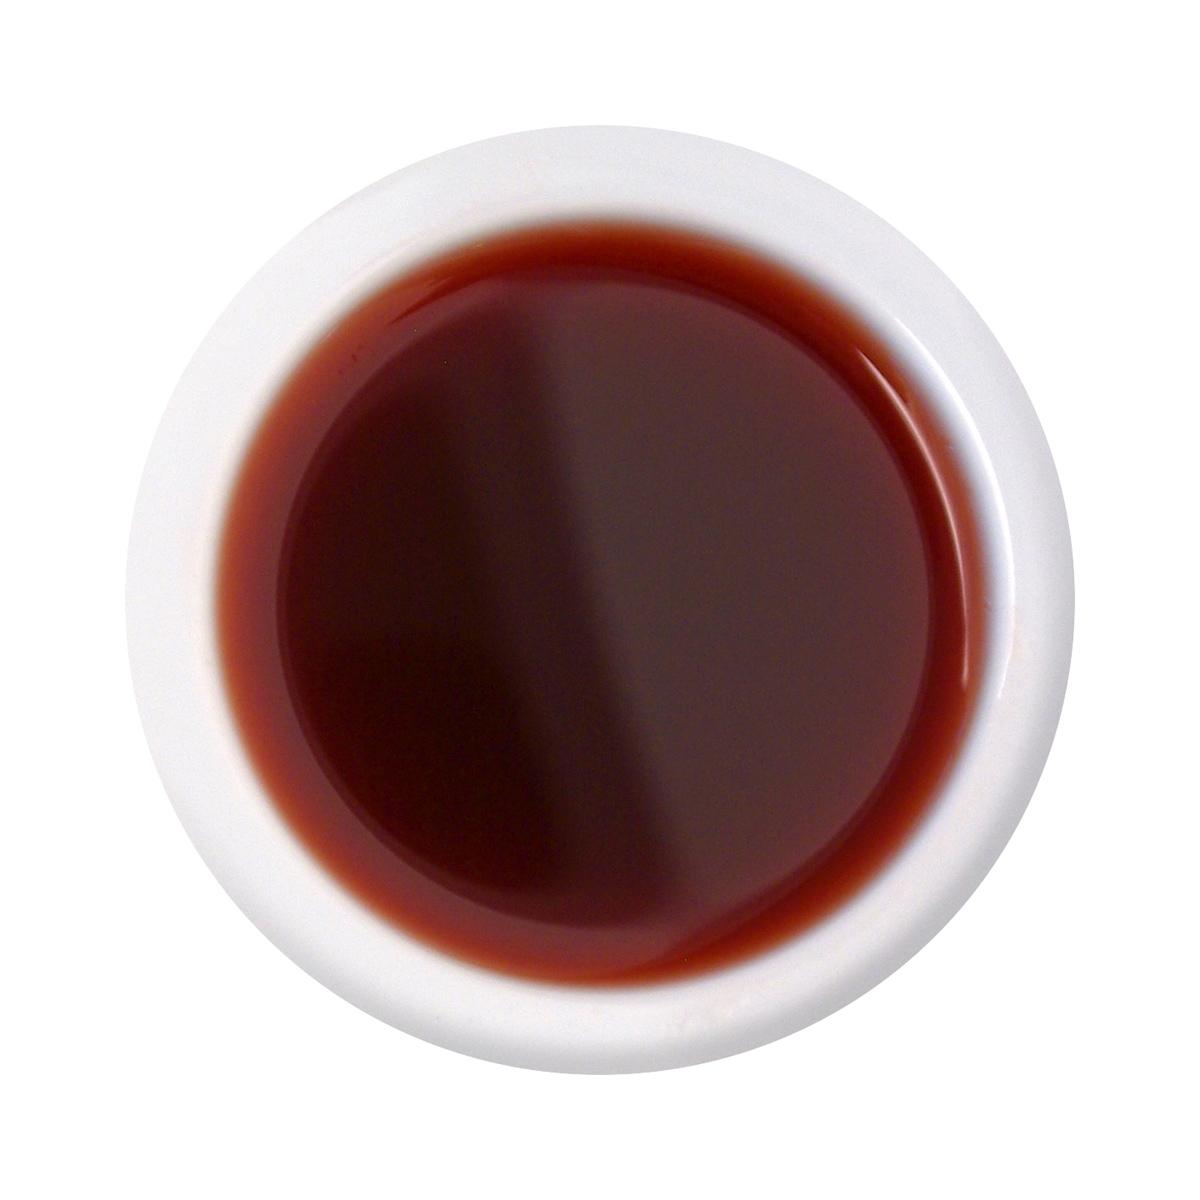 Red Sangria blend